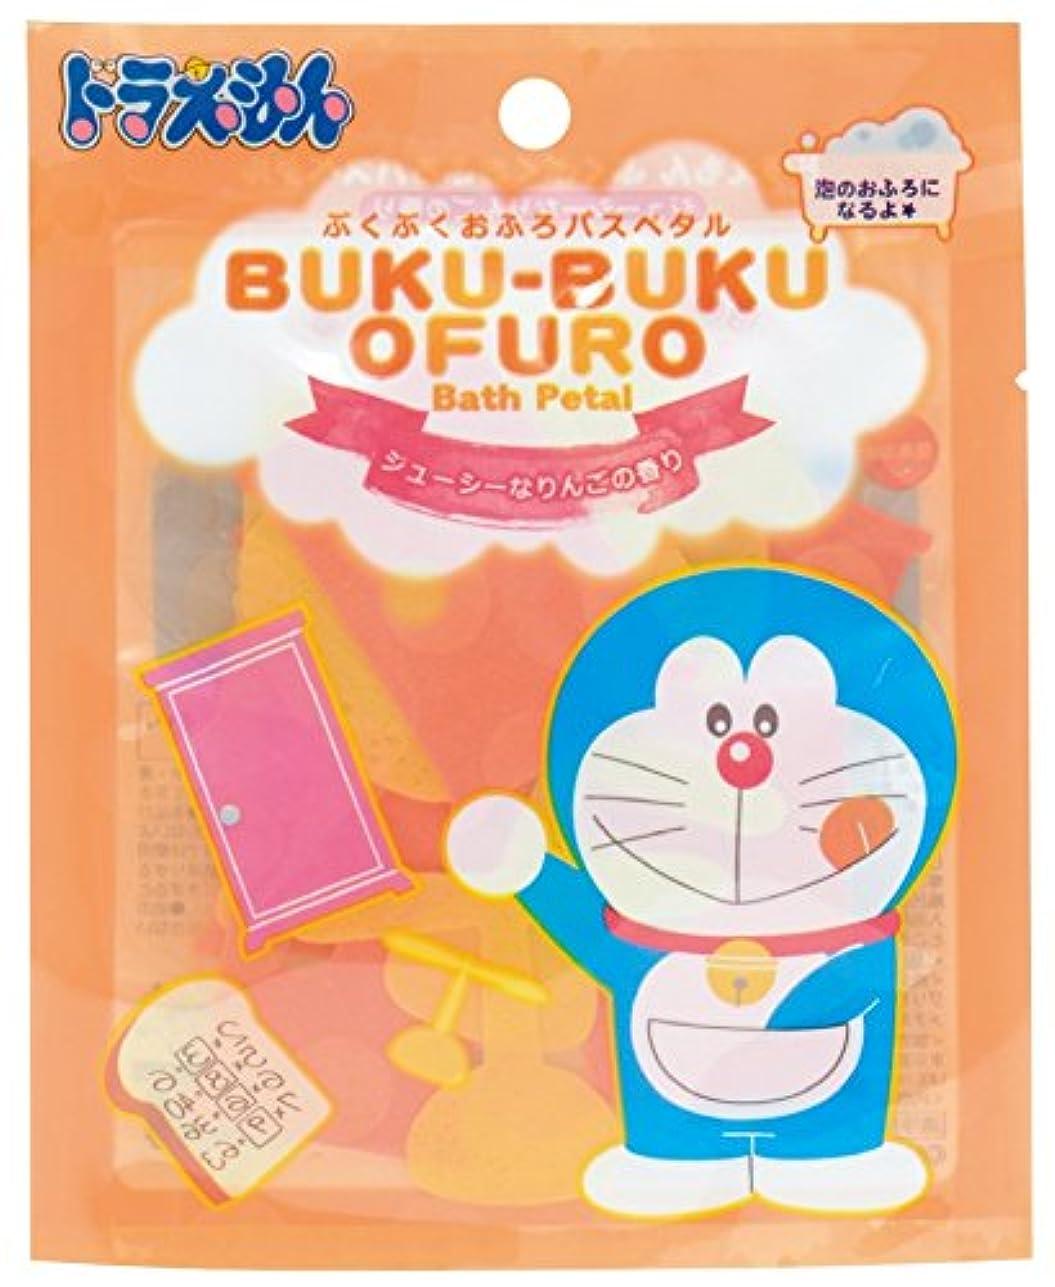 スパン意図的お香ドラえもん 入浴剤 ぶくぶくおふろ バスペタル りんご の香り ひみつ道具 OB-DOR-1-2